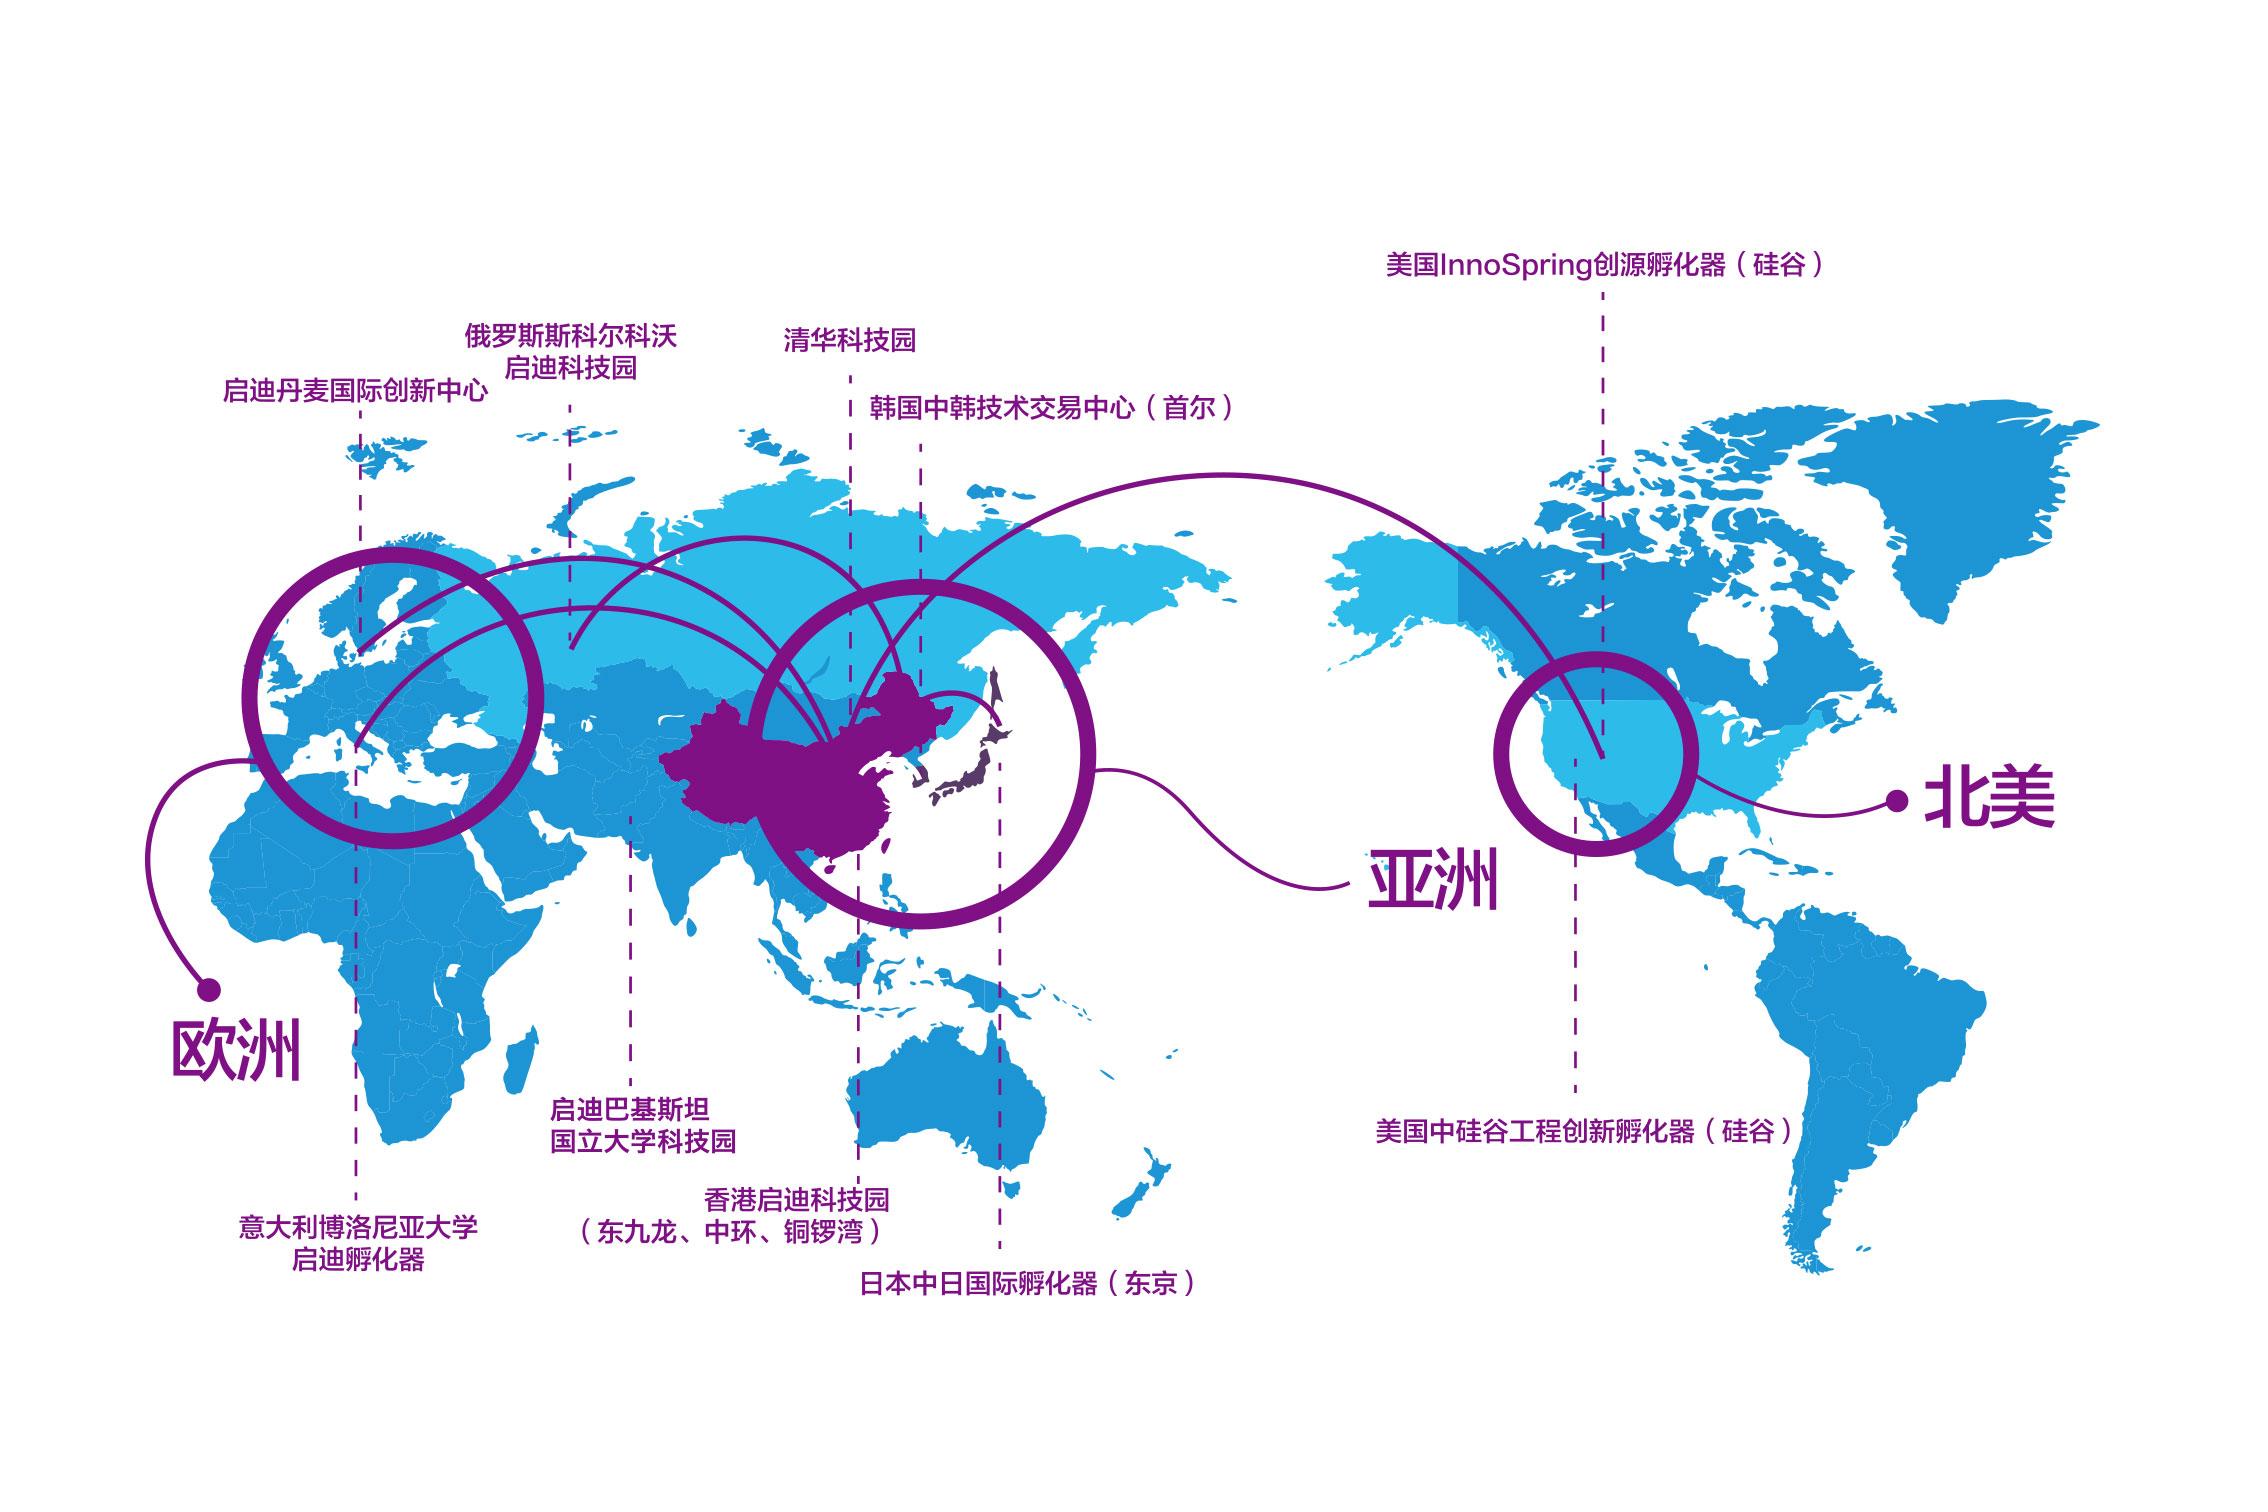 是由启迪控股、临港集团和松江区政府三方共同出资建设的高科技园区,地处G60上海松江科创走廊一廊九区的松江新城总部研发功能区,是G60上海松江科创走廊的重要节点,享受松江G60产业政策扶持,同时作为张江高新区松江园北区块,享受张江高新区专项发展资金及其他相关政策。园区于2016年5月开园,一期占地66亩,总建筑面积7万平方米,共引进企业100余家,70%以上都是智能制造关联的专精特新企业。 在智能制造科创中心定位下,园区搭建了政、产、学、研、金、介、贸、媒全要素资源整合平台,和霍尼韦尔共同打造